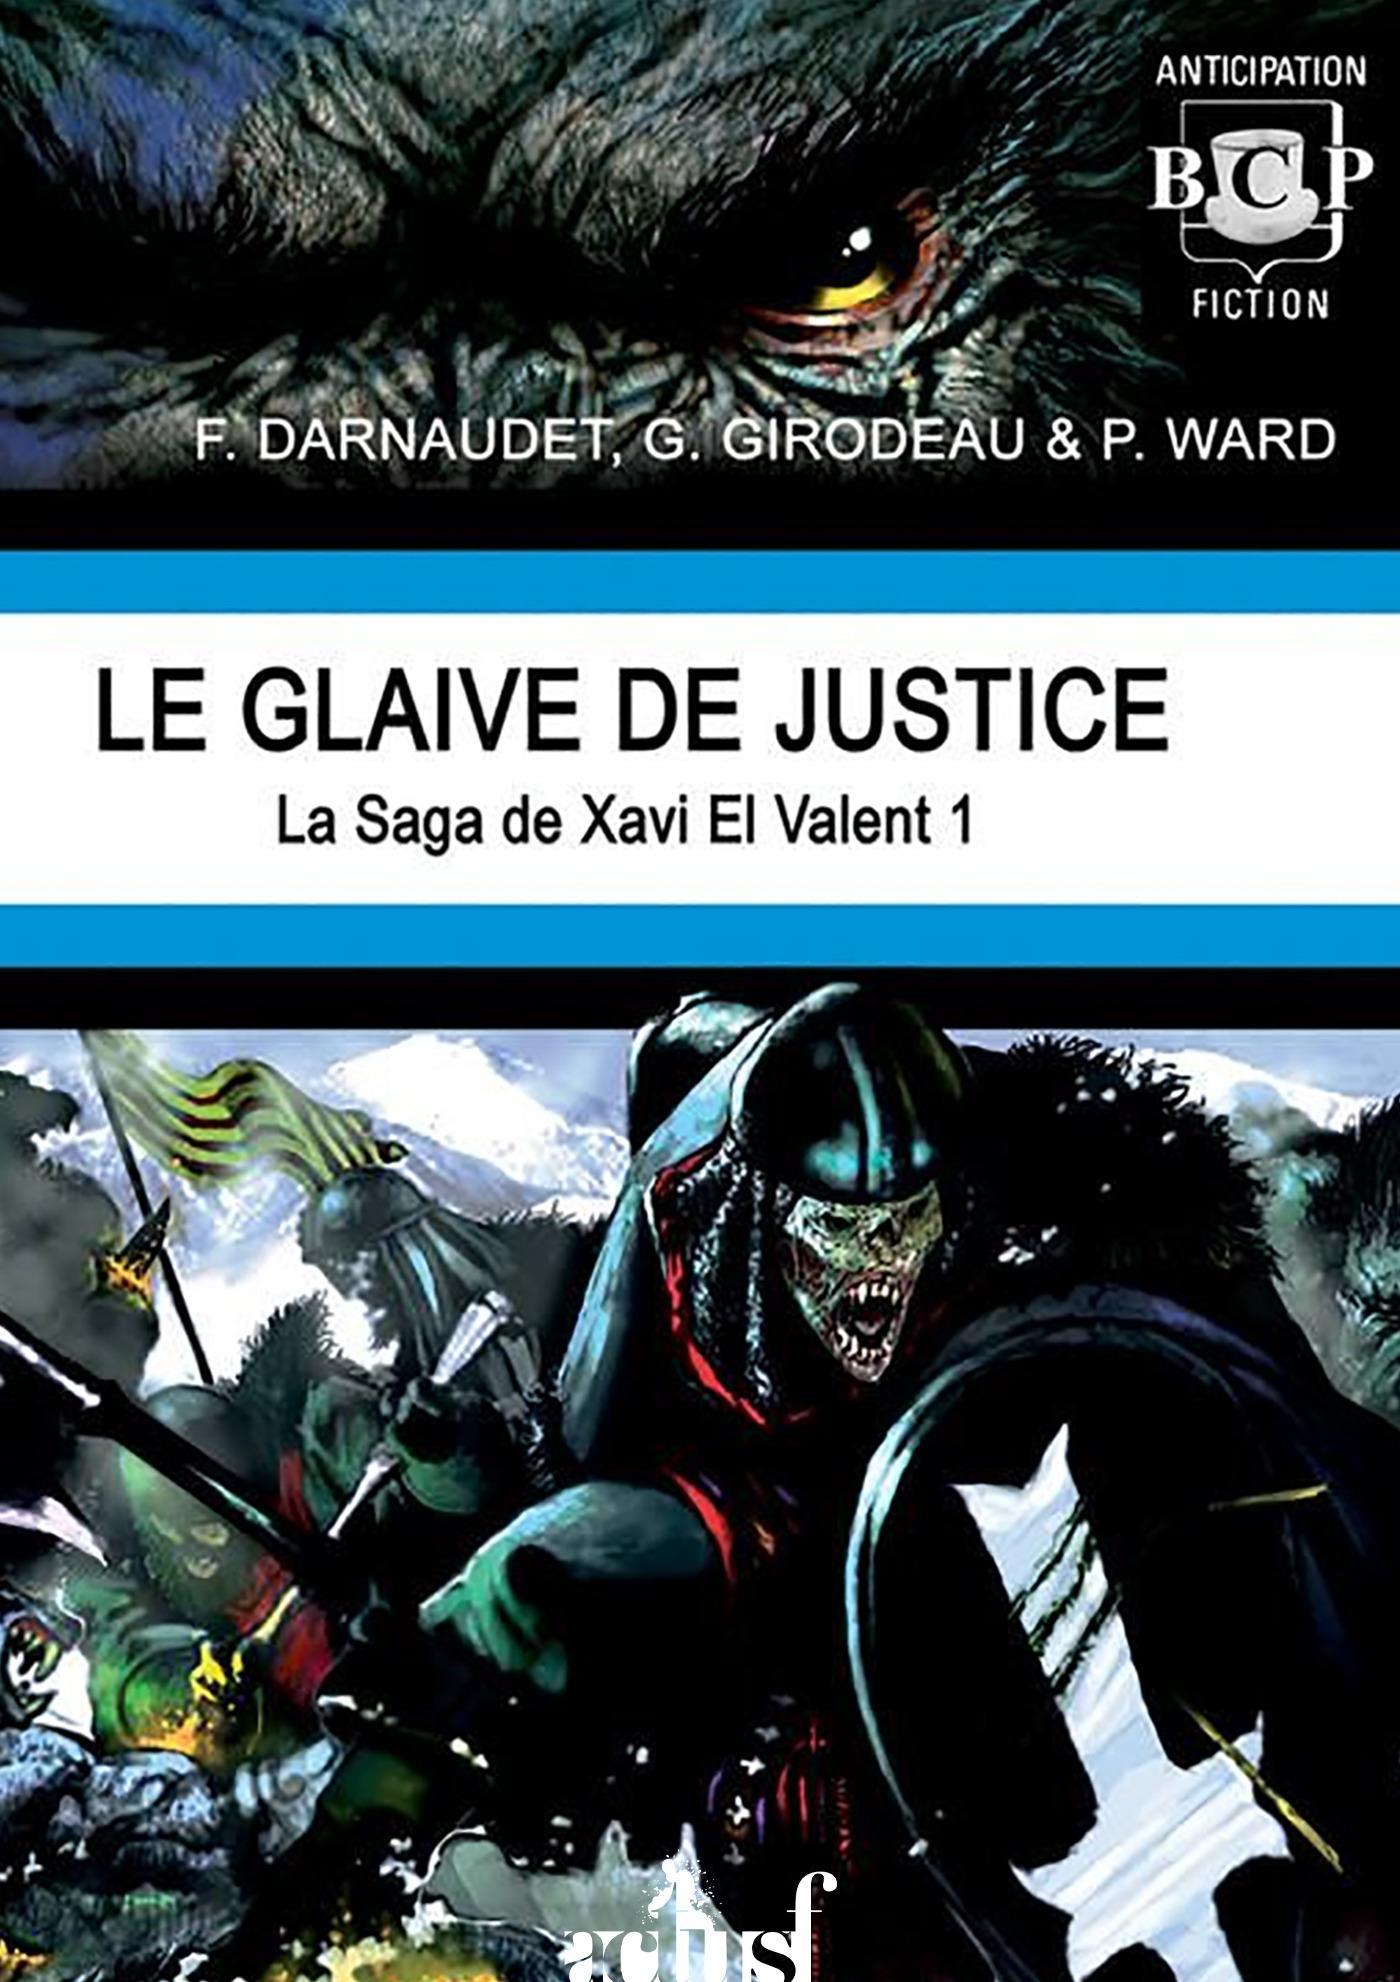 Le glaive de justice